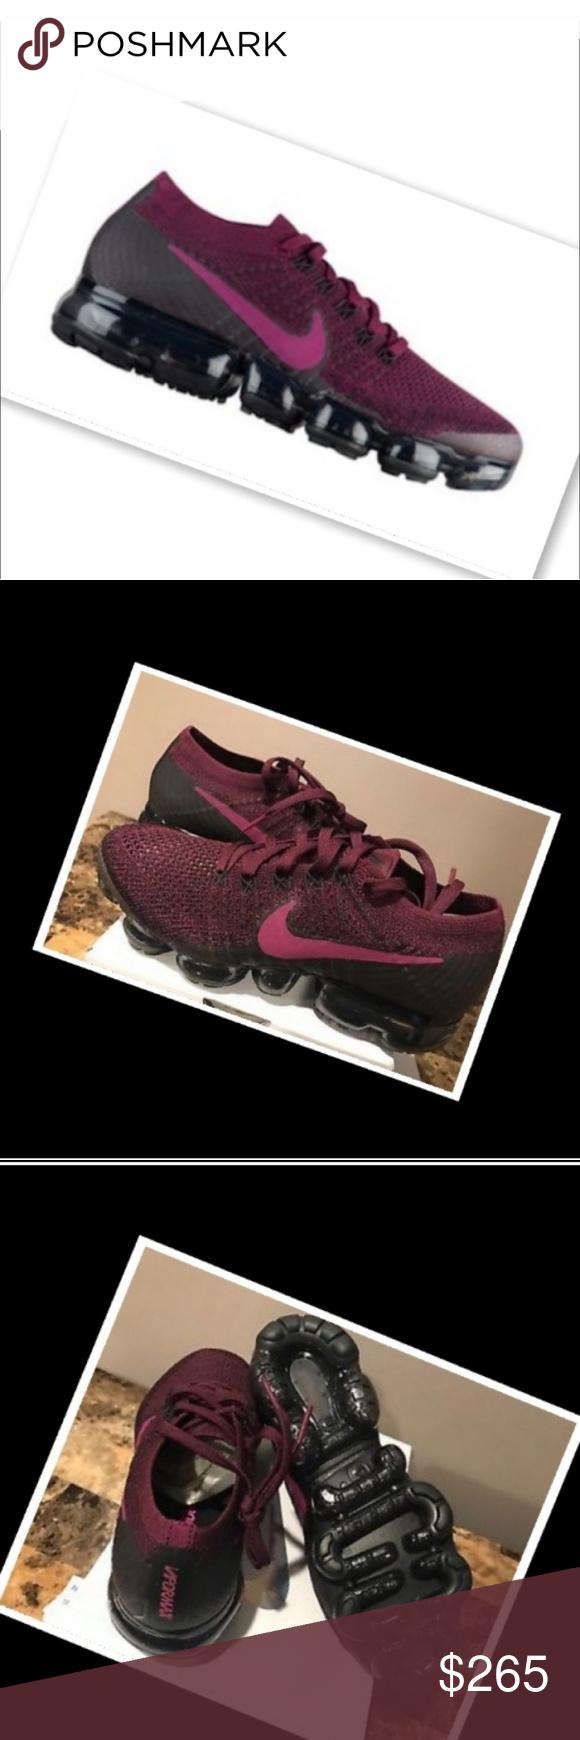 new concept a7c4a f1d80 Nike Vapormax Authentic Women's Size 9 Burgundy/Purple Color ...